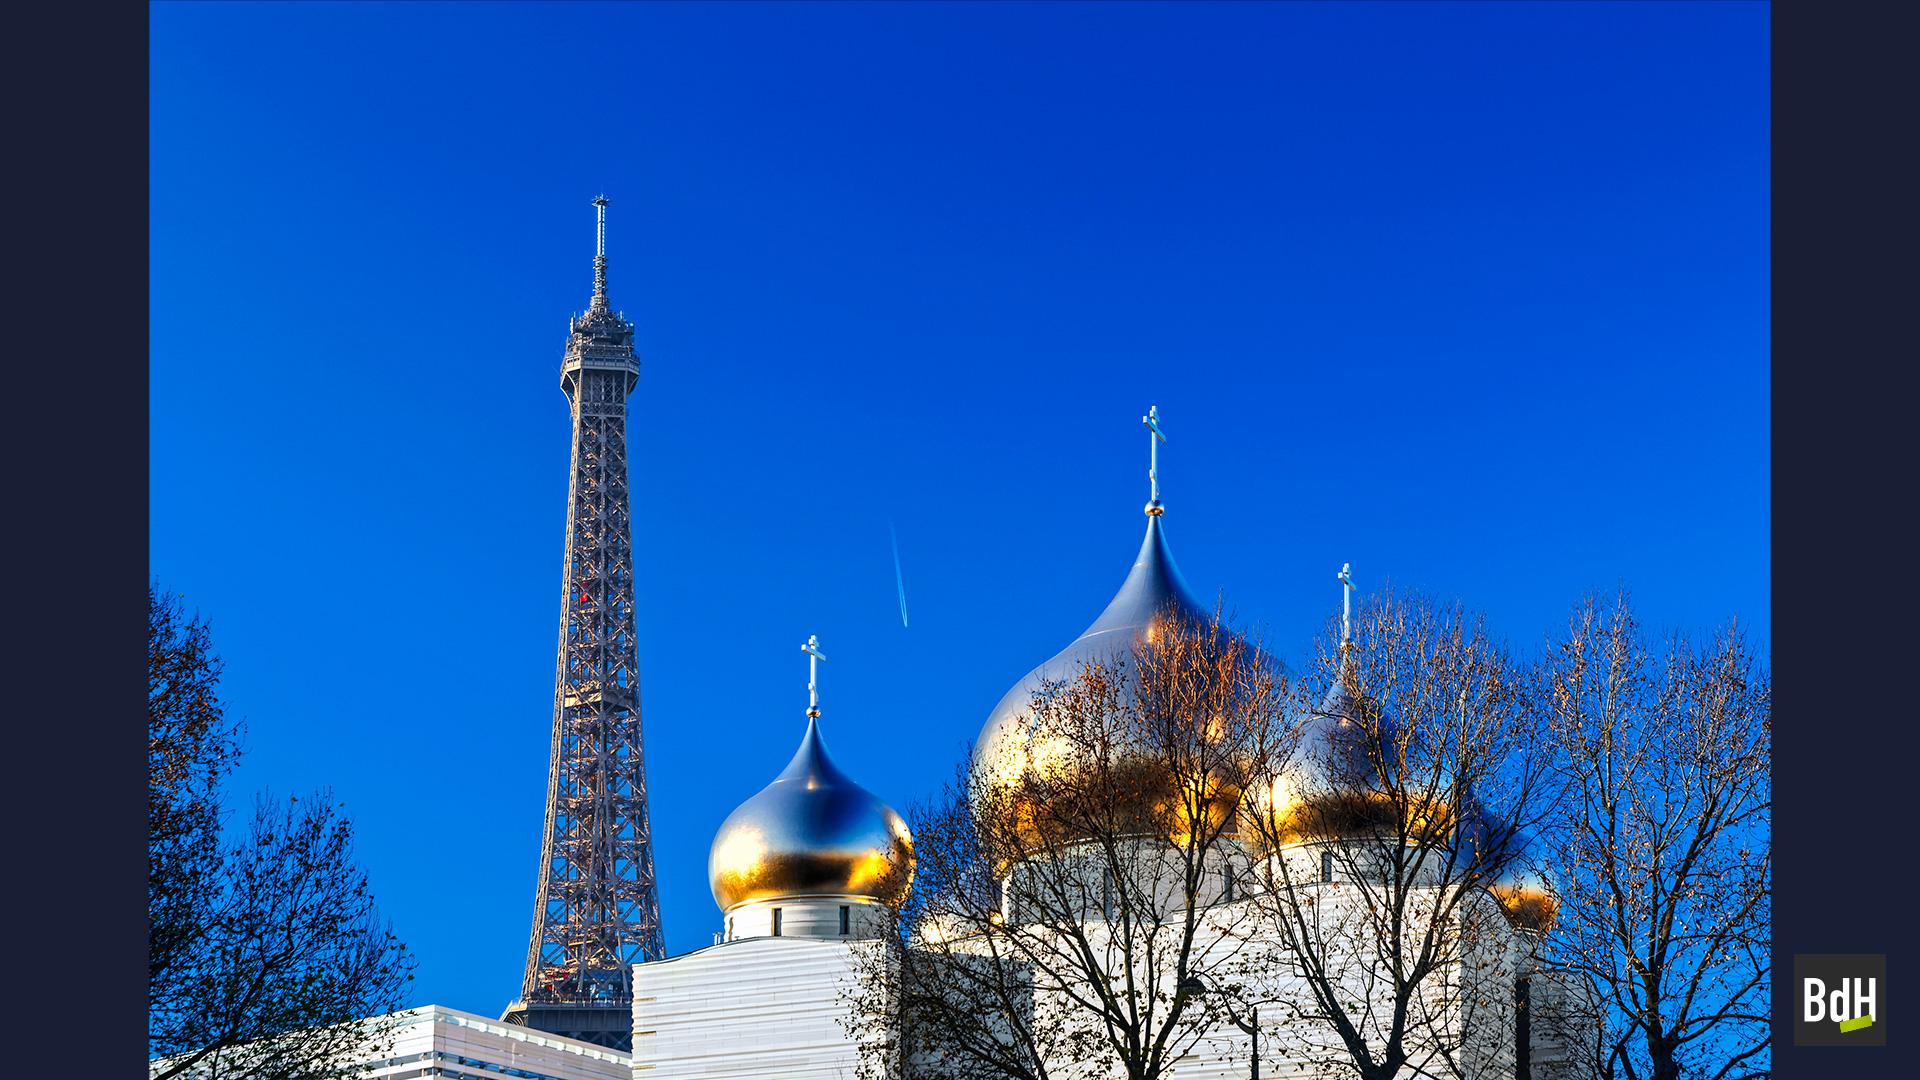 Les coupoles de la nouvelle Cathédrale orthodoxe russe de la Sainte-Trinité par l'architecte Jean-Michel Wilmotte, la Tour Eiffel à Paris, France.